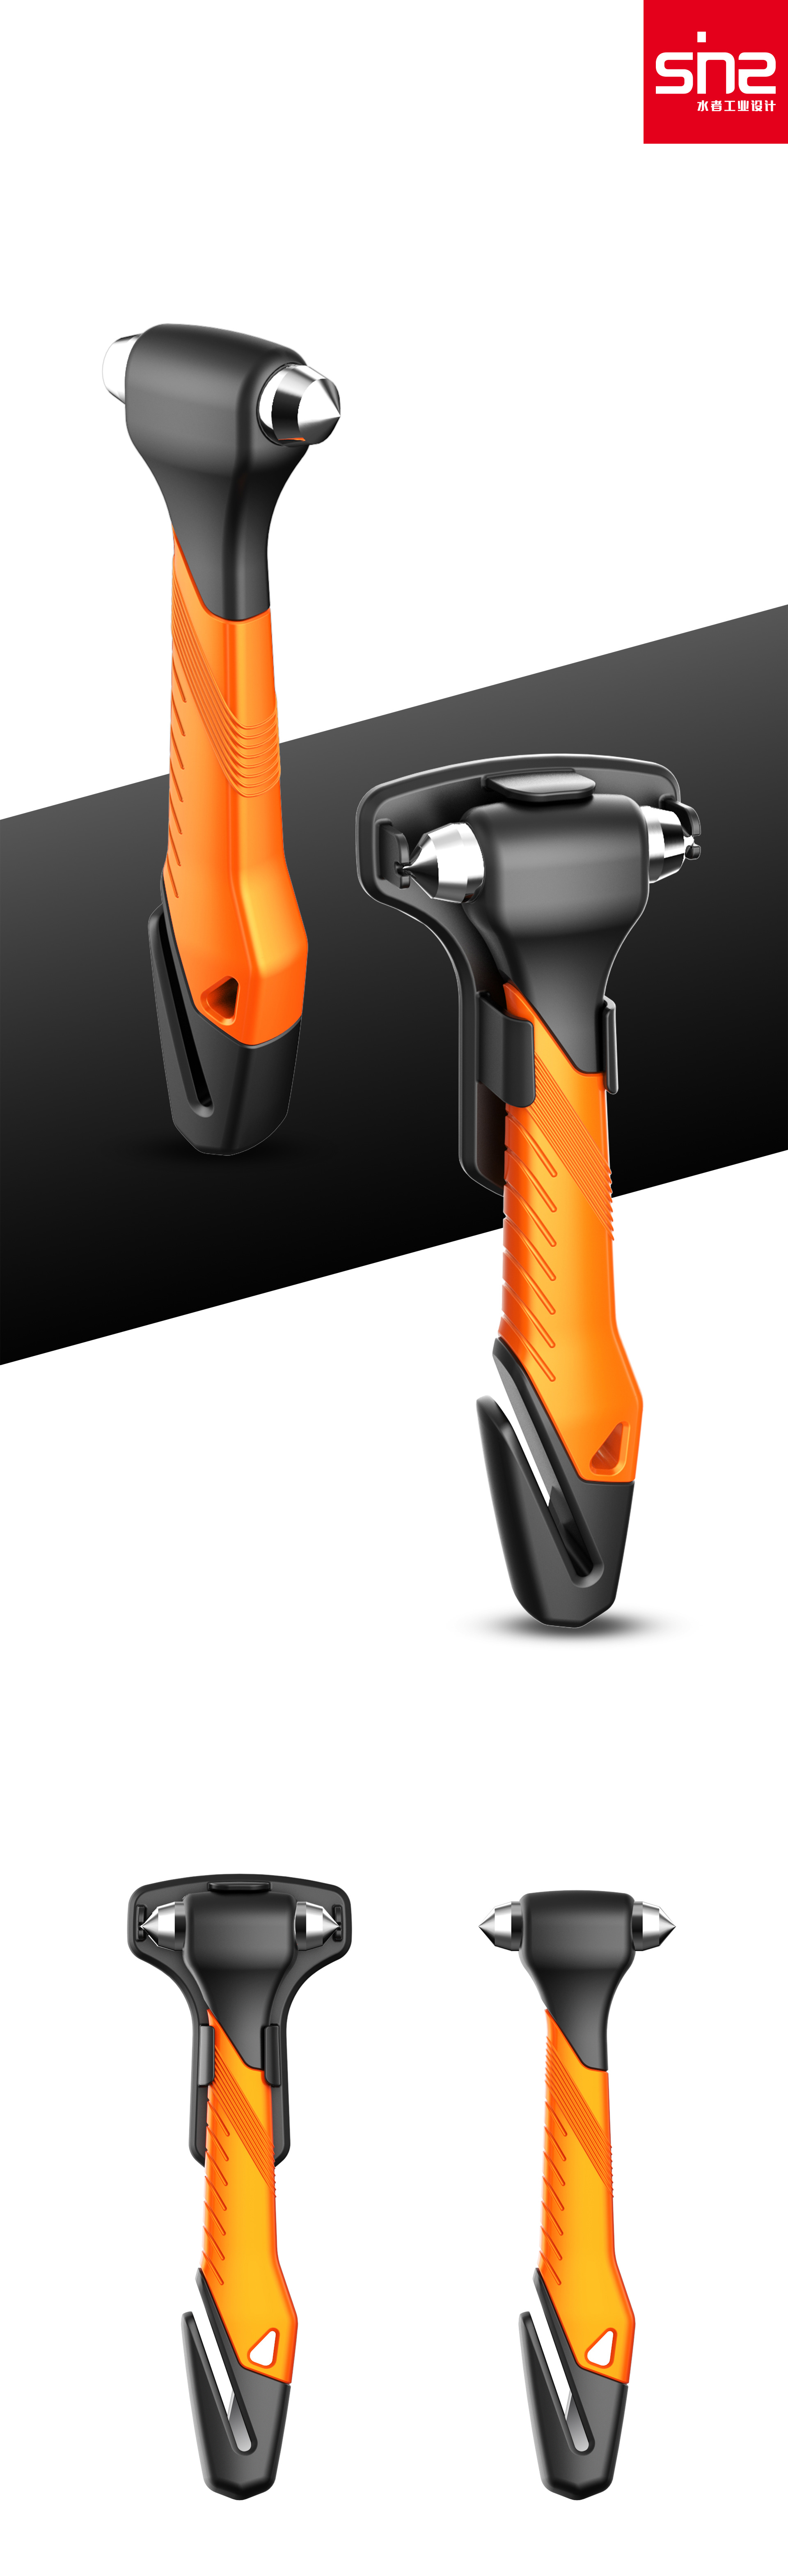 安全锤设计工业设计1.jpg